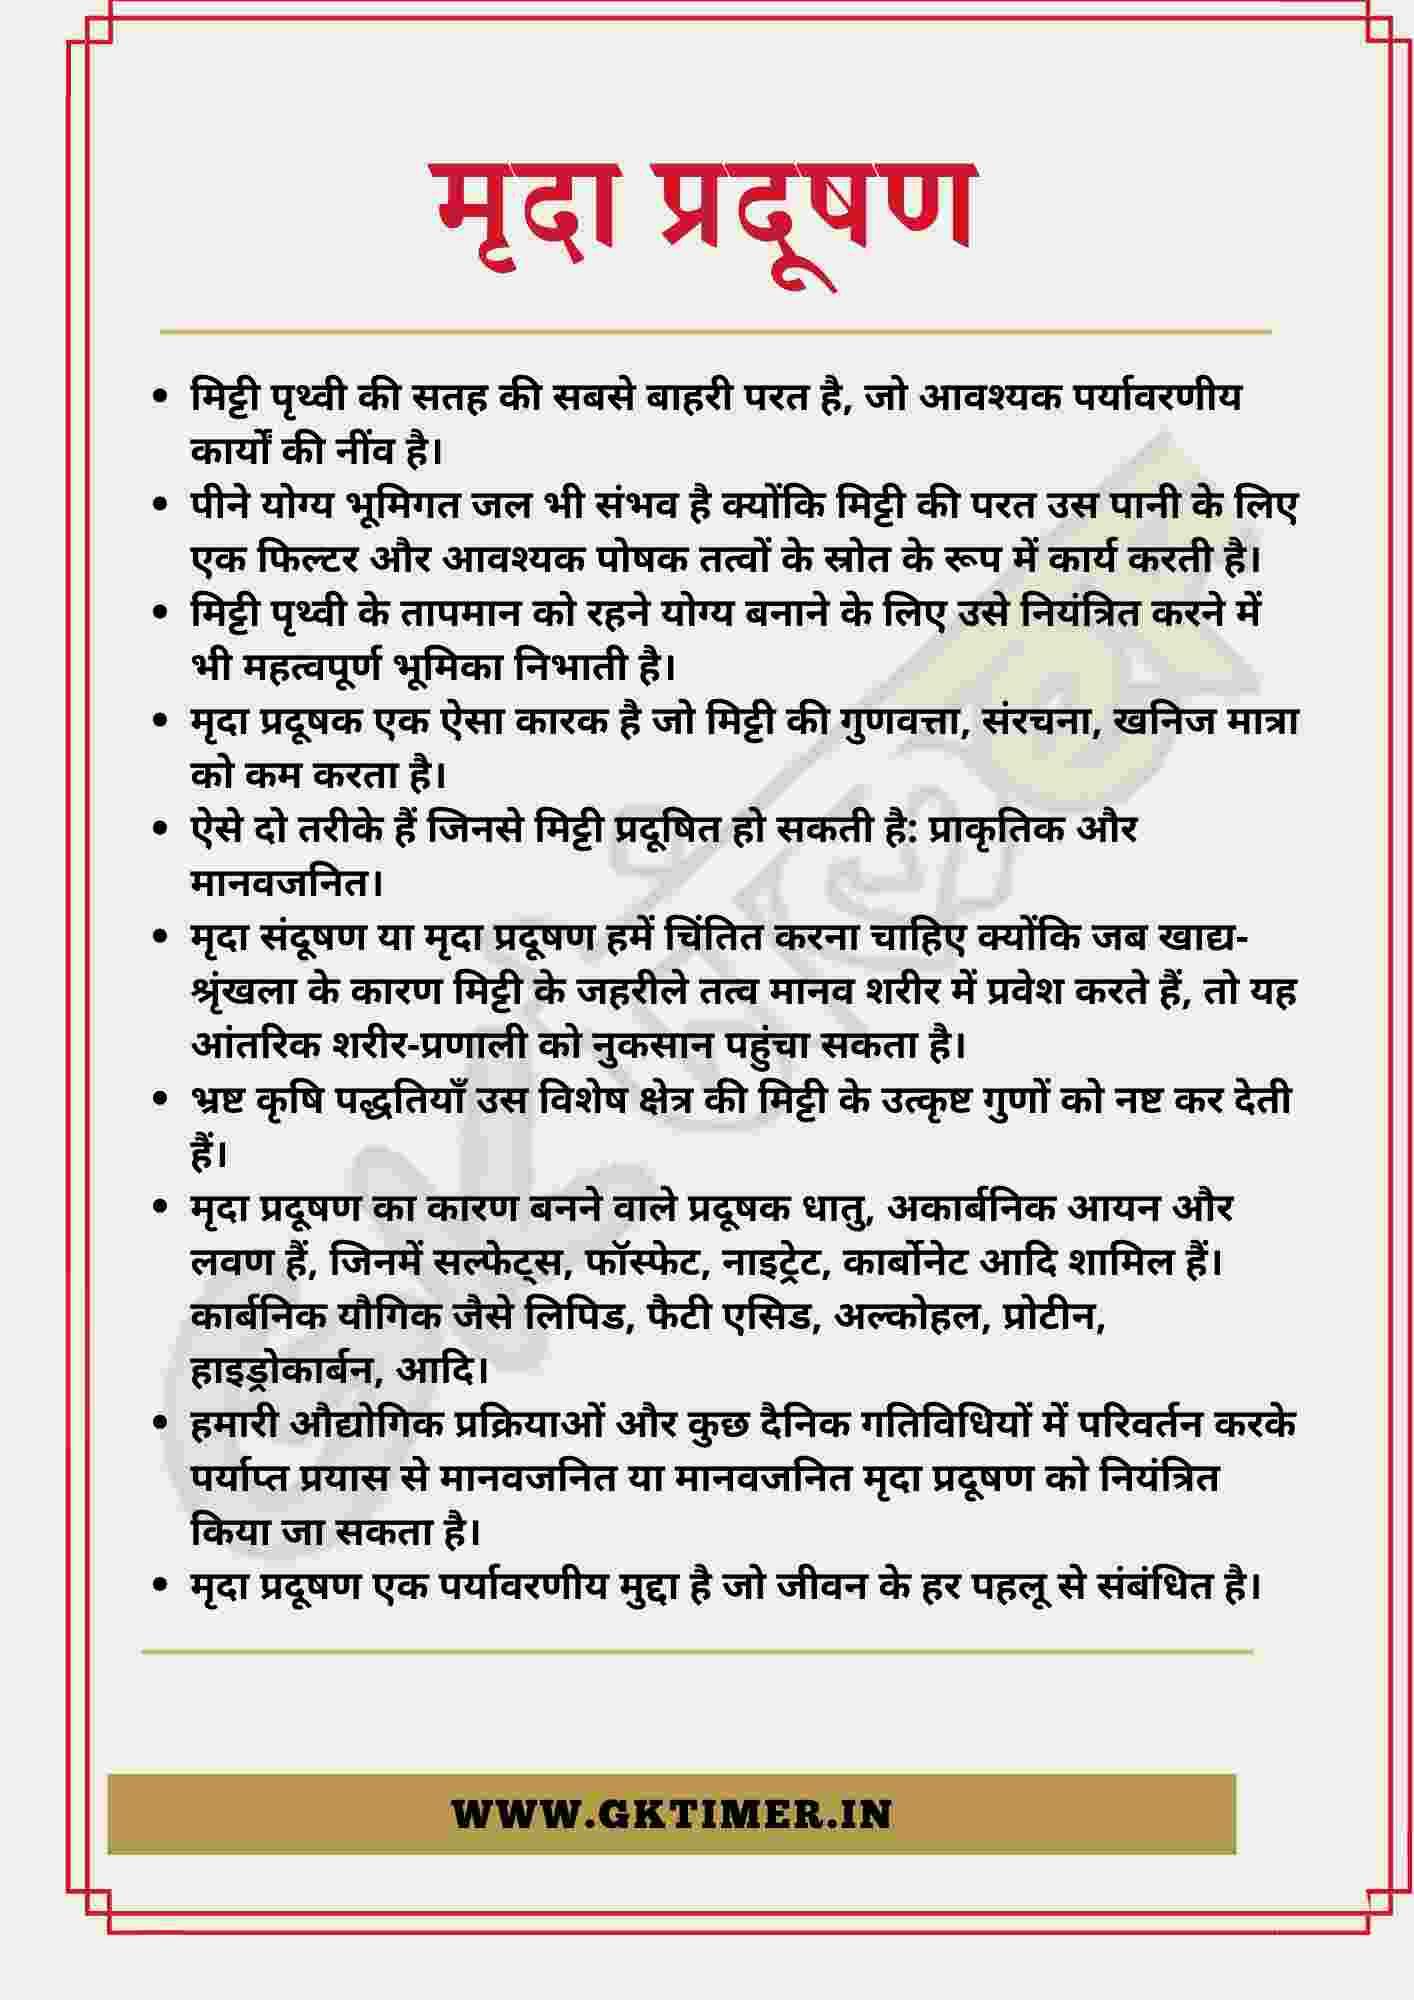 मृदा प्रदूषण पर निबंध |  Soil Pollution Essay in Hindi | 10 Lines on Soil Pollution in Hindi